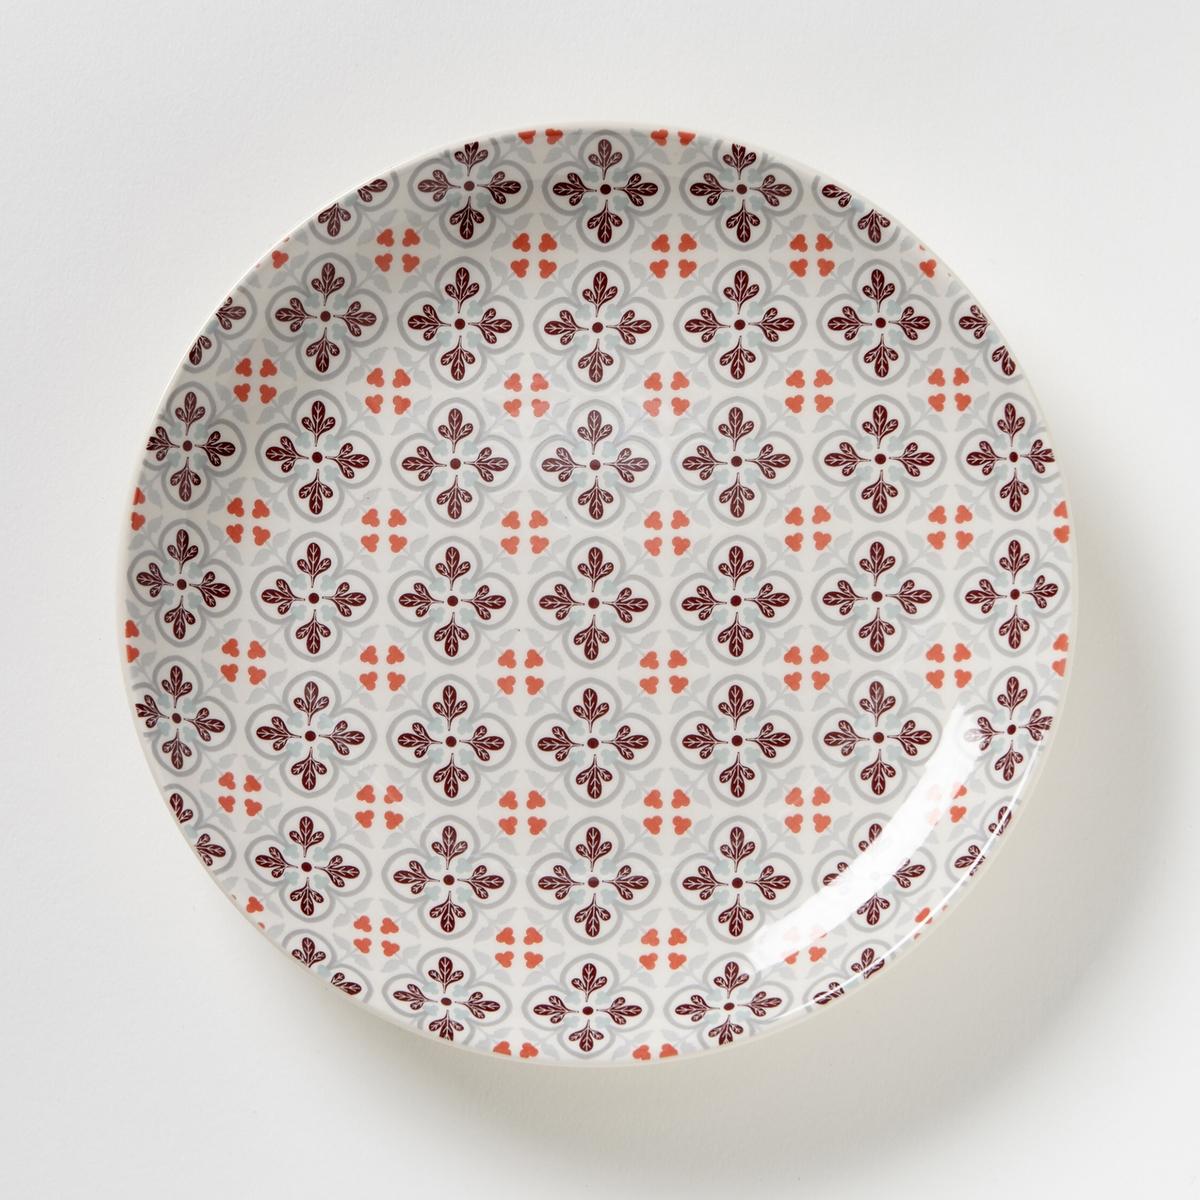 4 десертные тарелки с рисункомХарактеристики 4 десертных тарелок с рисунком :- Фаянс, разноцветный рисунок .- Диаметр 18,8 см .- Подходит для посудомоечной машины и микроволновой печи .Плоские тарелки и кружки из комплекта продаются на сайте laredoute.ru<br><br>Цвет: набивной рисунок